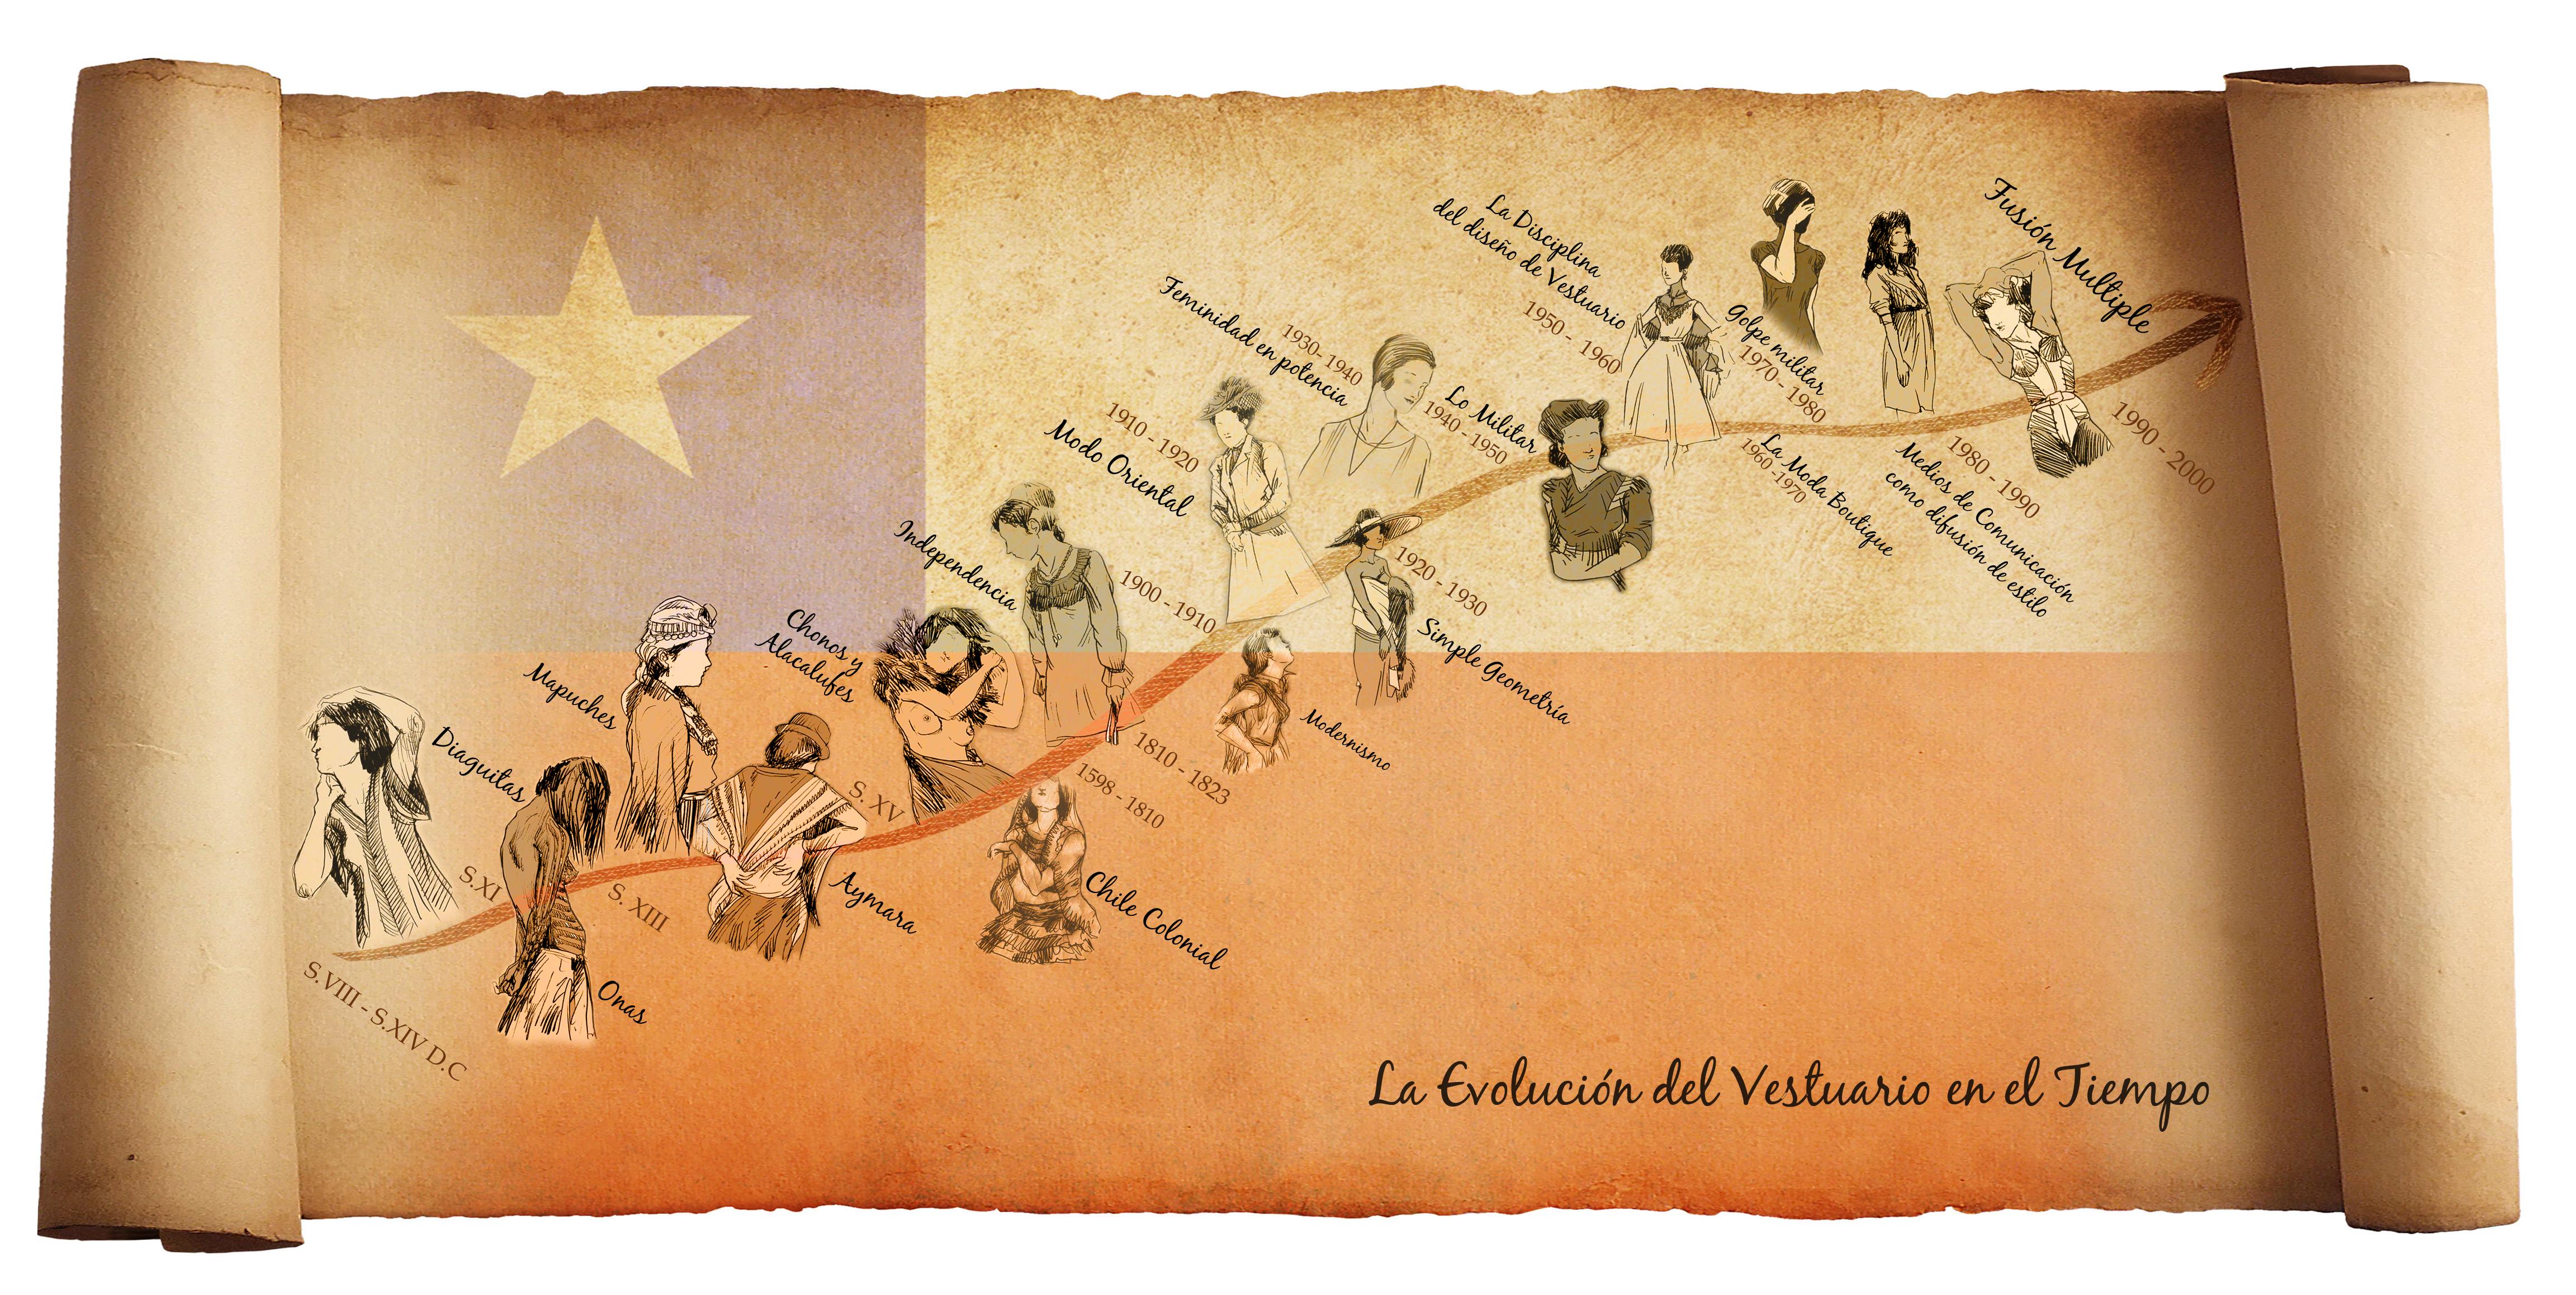 Historia del Vestuario Chileno: 2° Parte